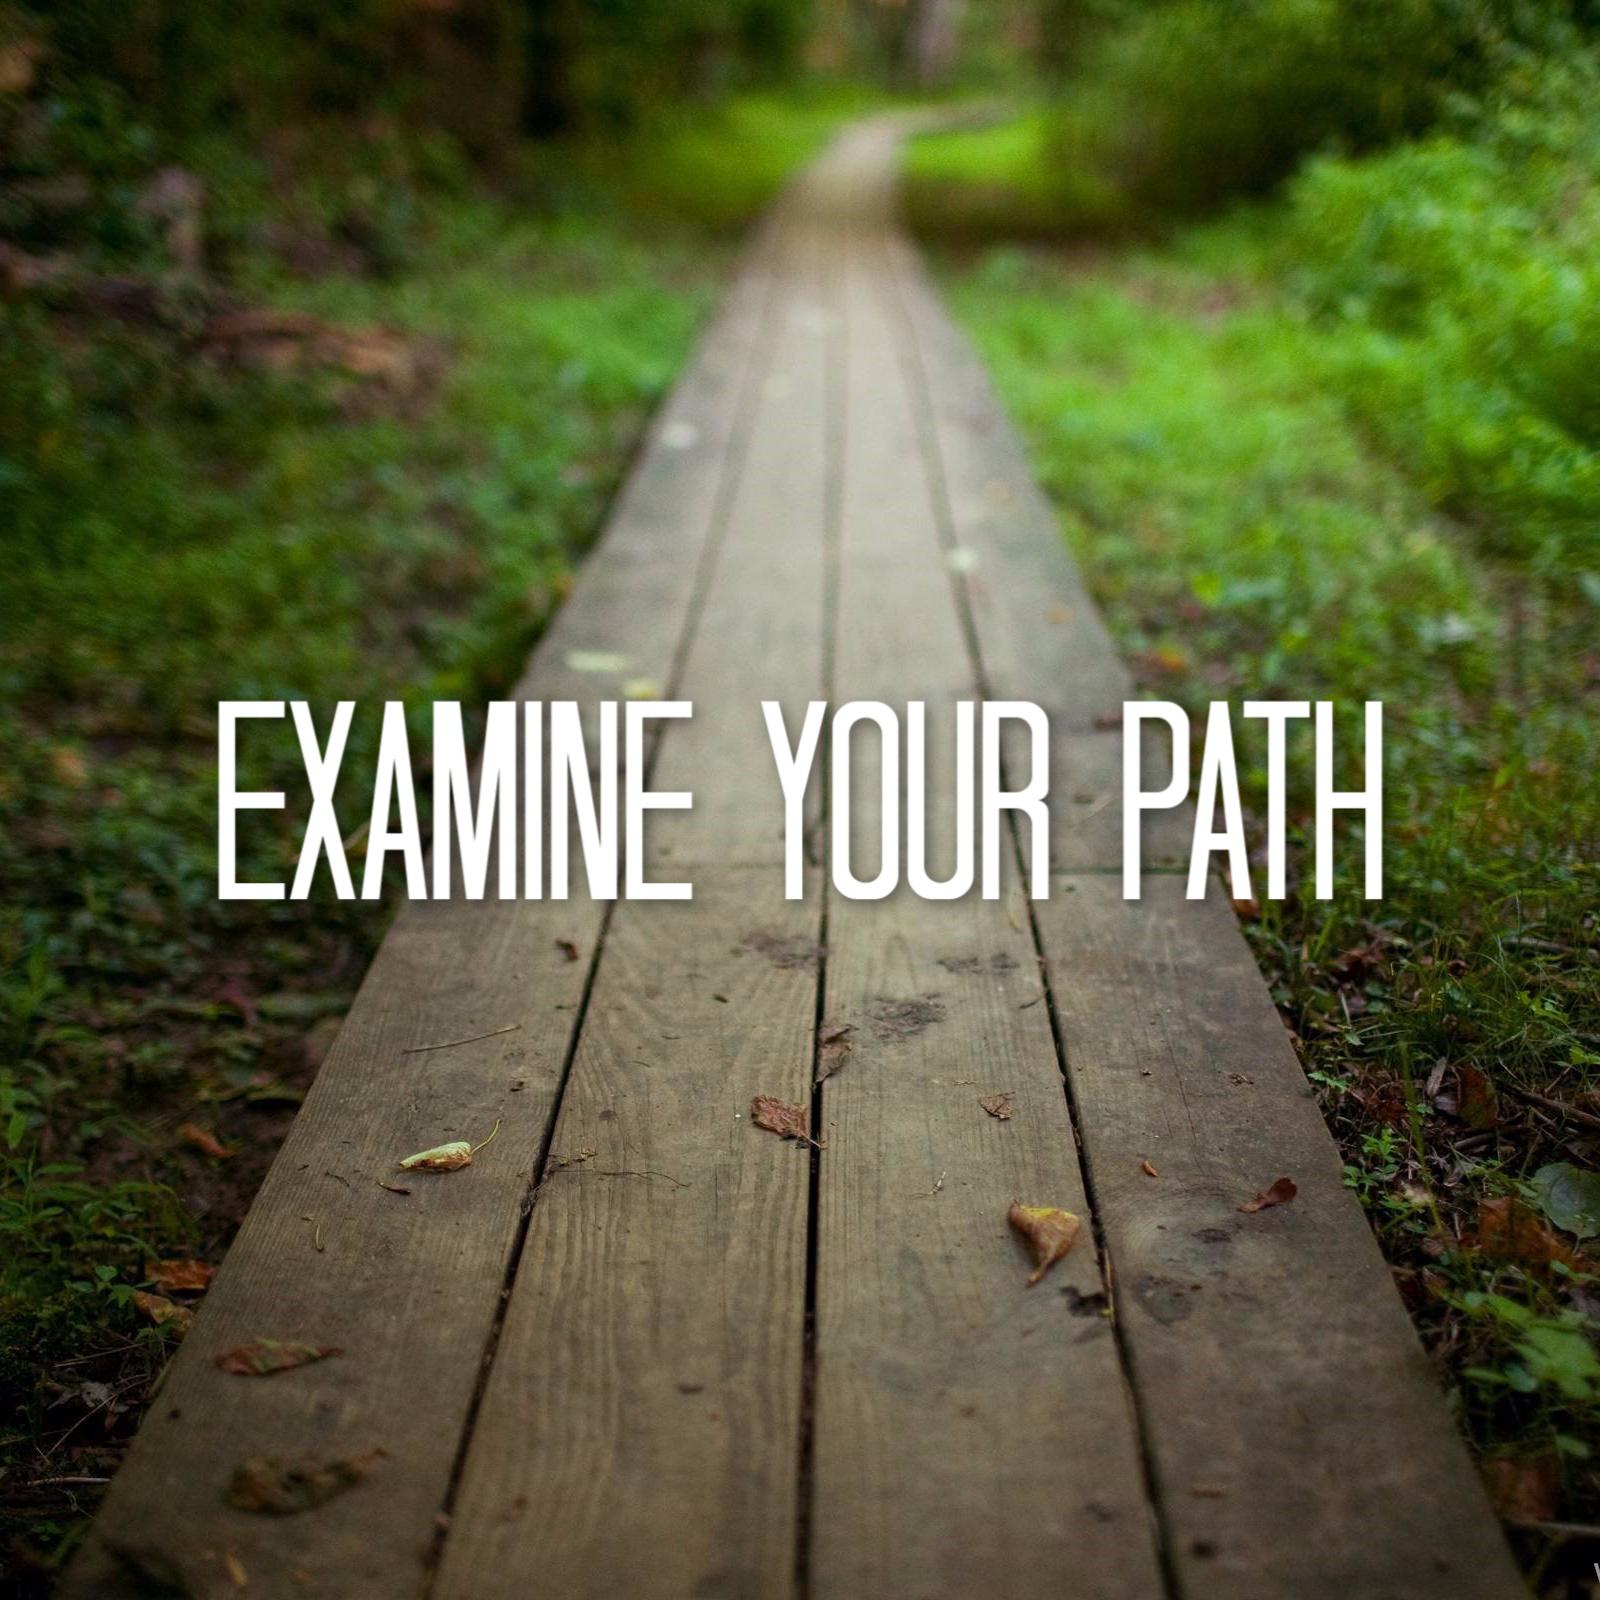 Examine Your Path